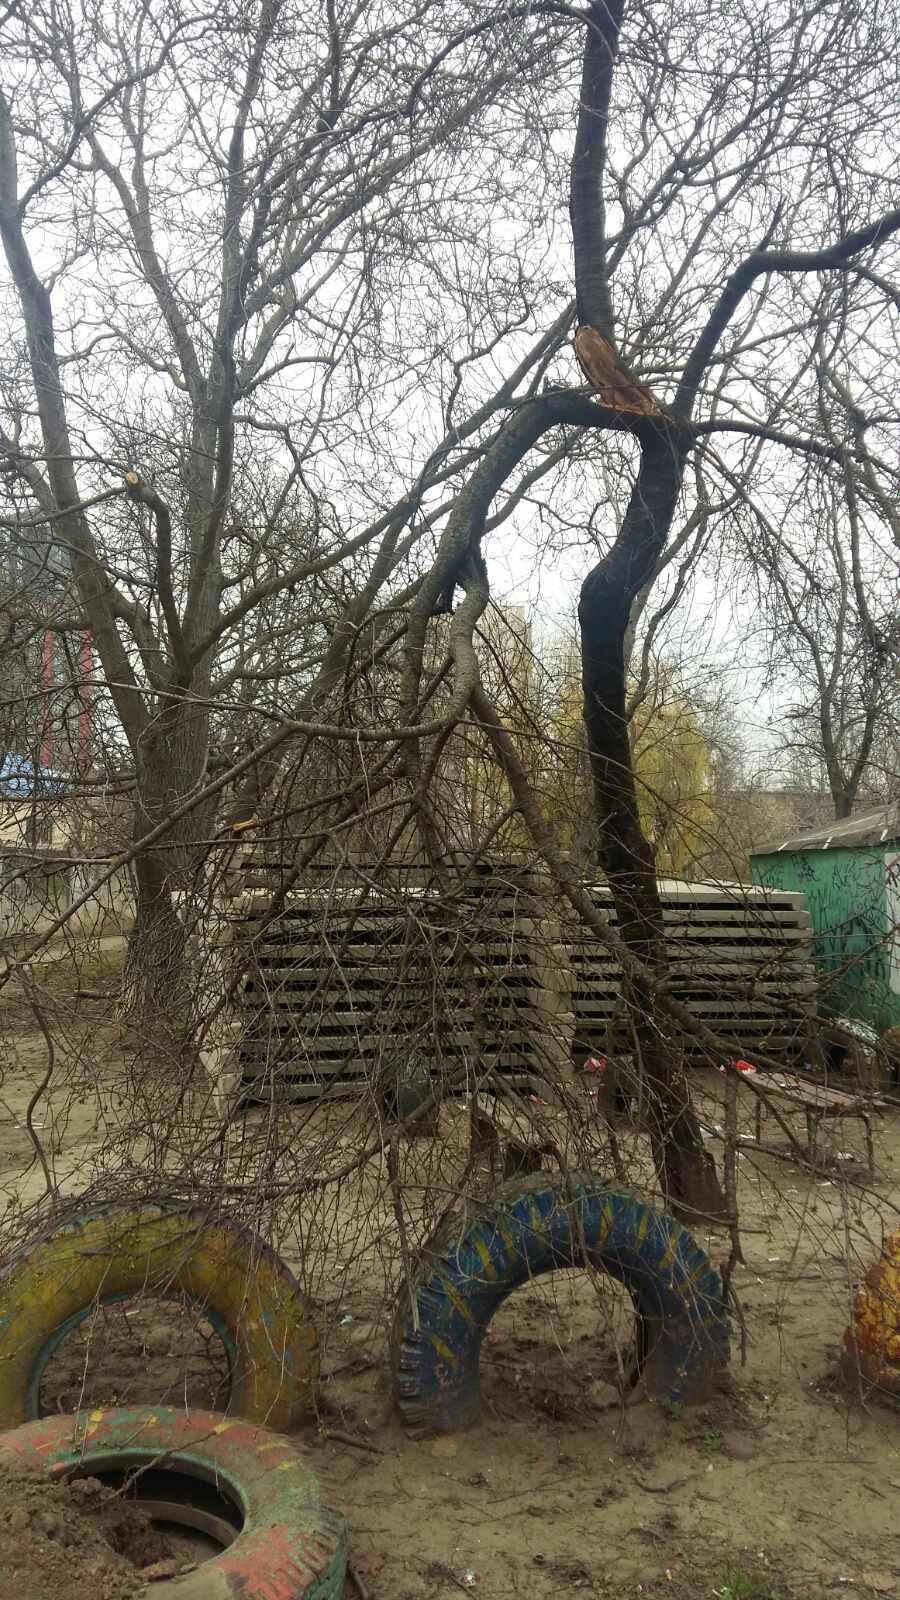 ситуация на Варненской, дерево